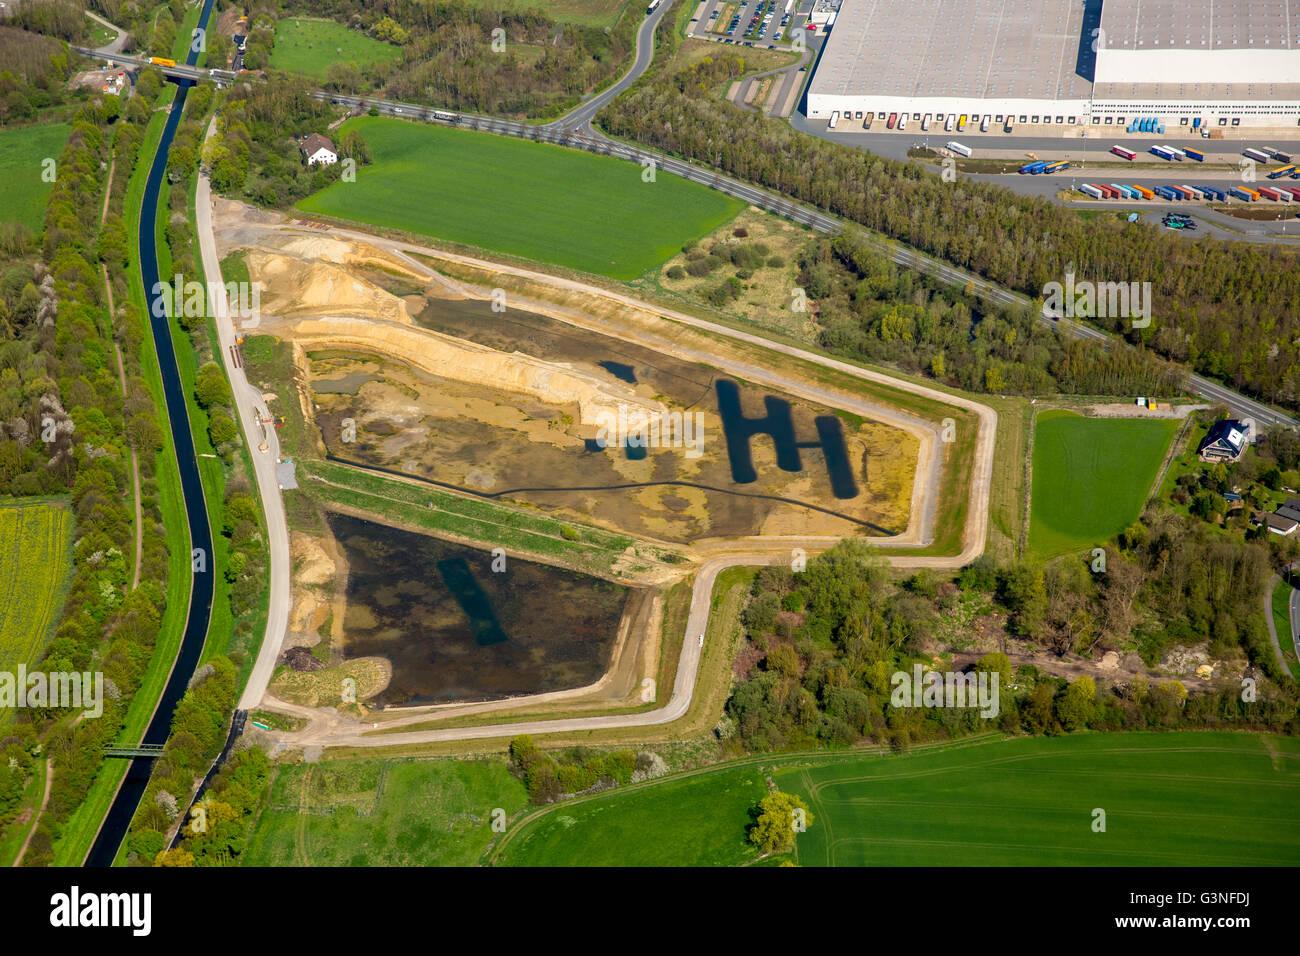 Vue aérienne, bassins de rétention des eaux de pluie au sud du centre de logistique IKEA Ellinghausen Photo Stock